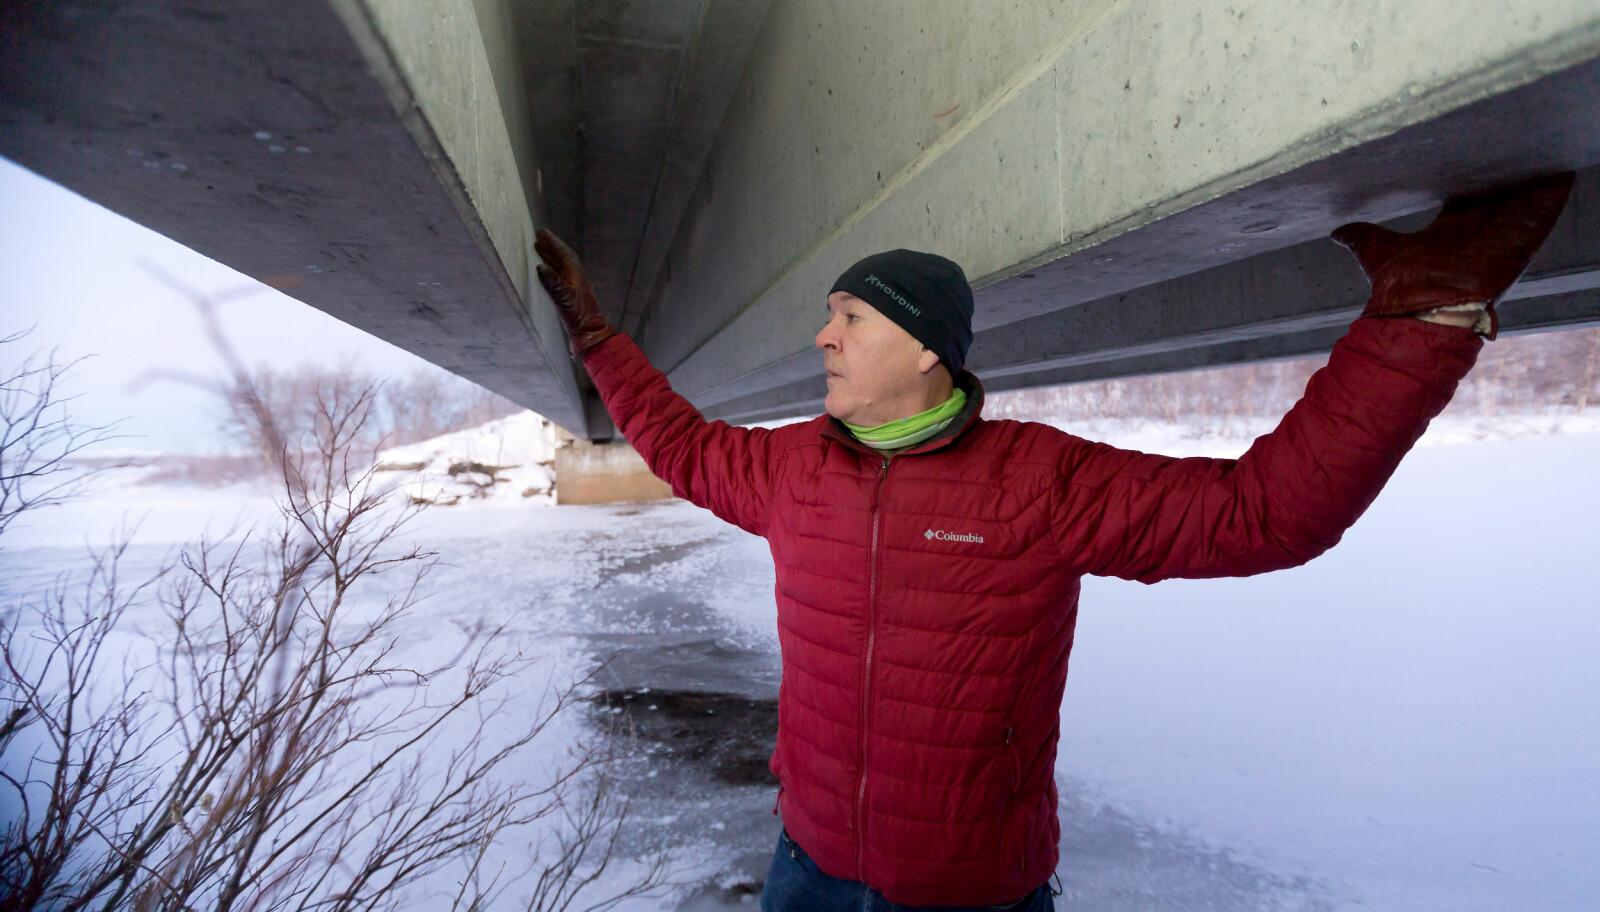 <strong>GJENSYN:</strong> Knut Arvid Sætermo er tilbake under Fossan bru, som ble forsøkt sprengt i mars 1982. Da lensmannsbetjenten ankom brua etter meldinger om en eksplosjon, så han seg nødt til å evakuere i påvente av en mulig ny eksplosjon.